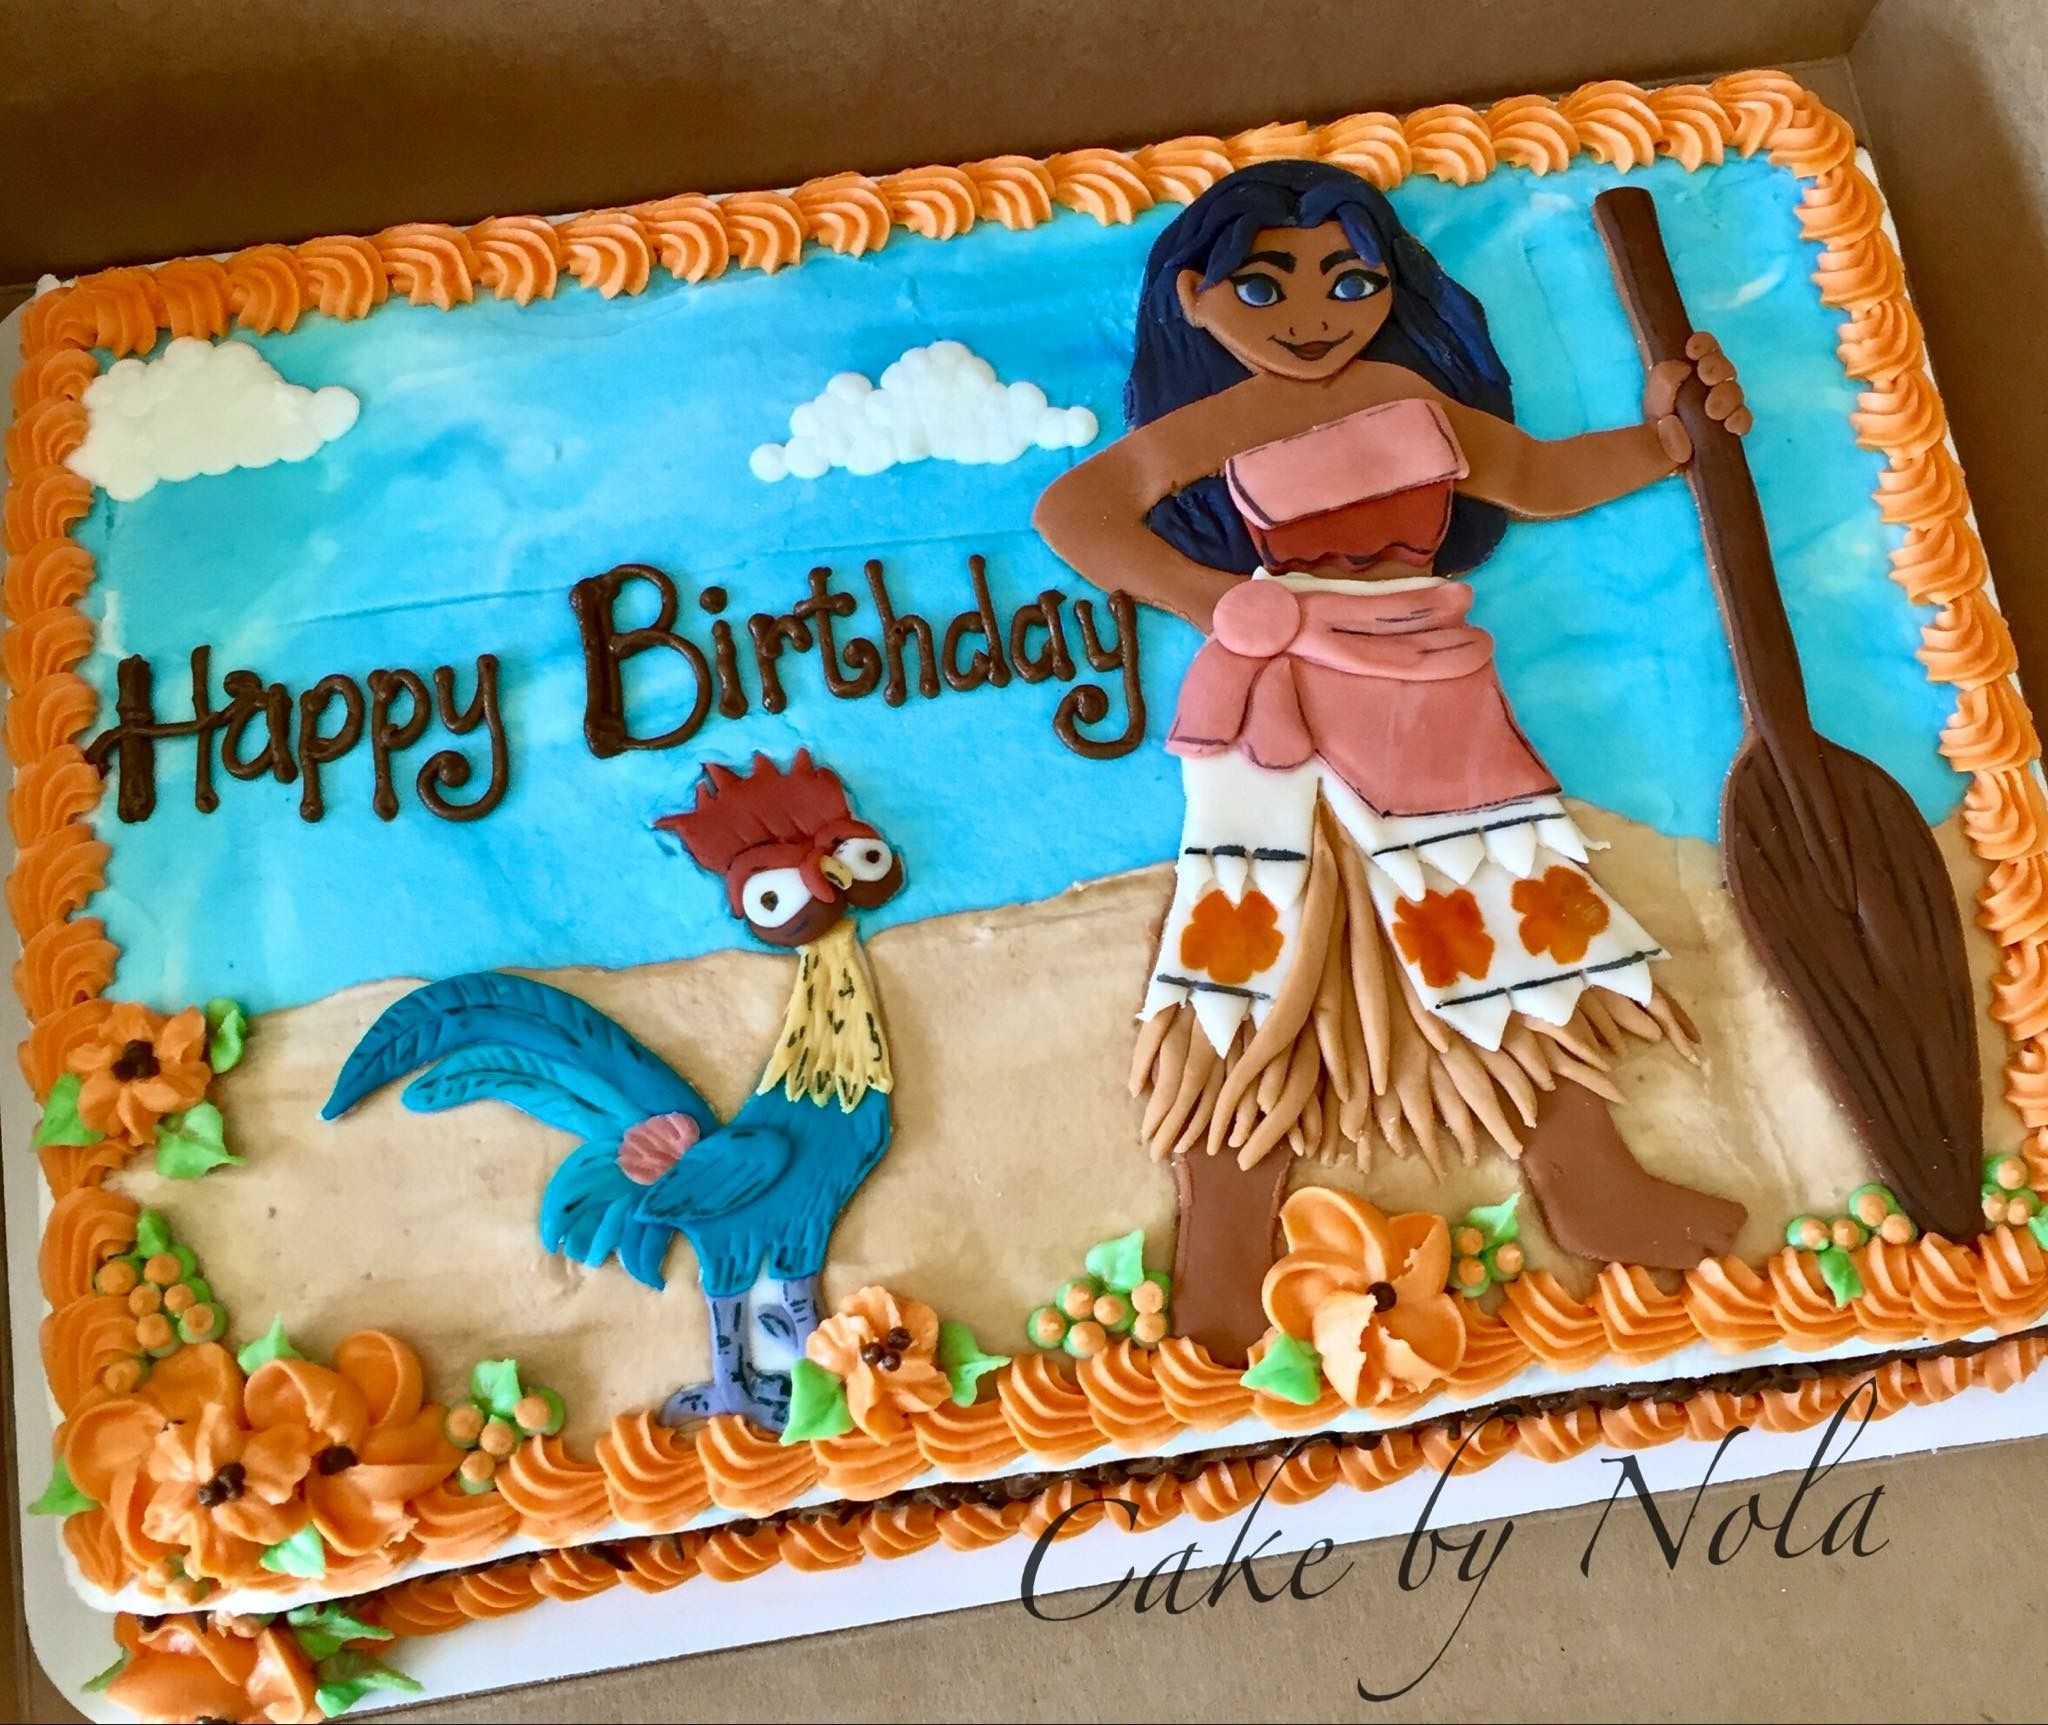 The Chicken Lives Moana Themed Cake Moana Birthdaycake Cakes